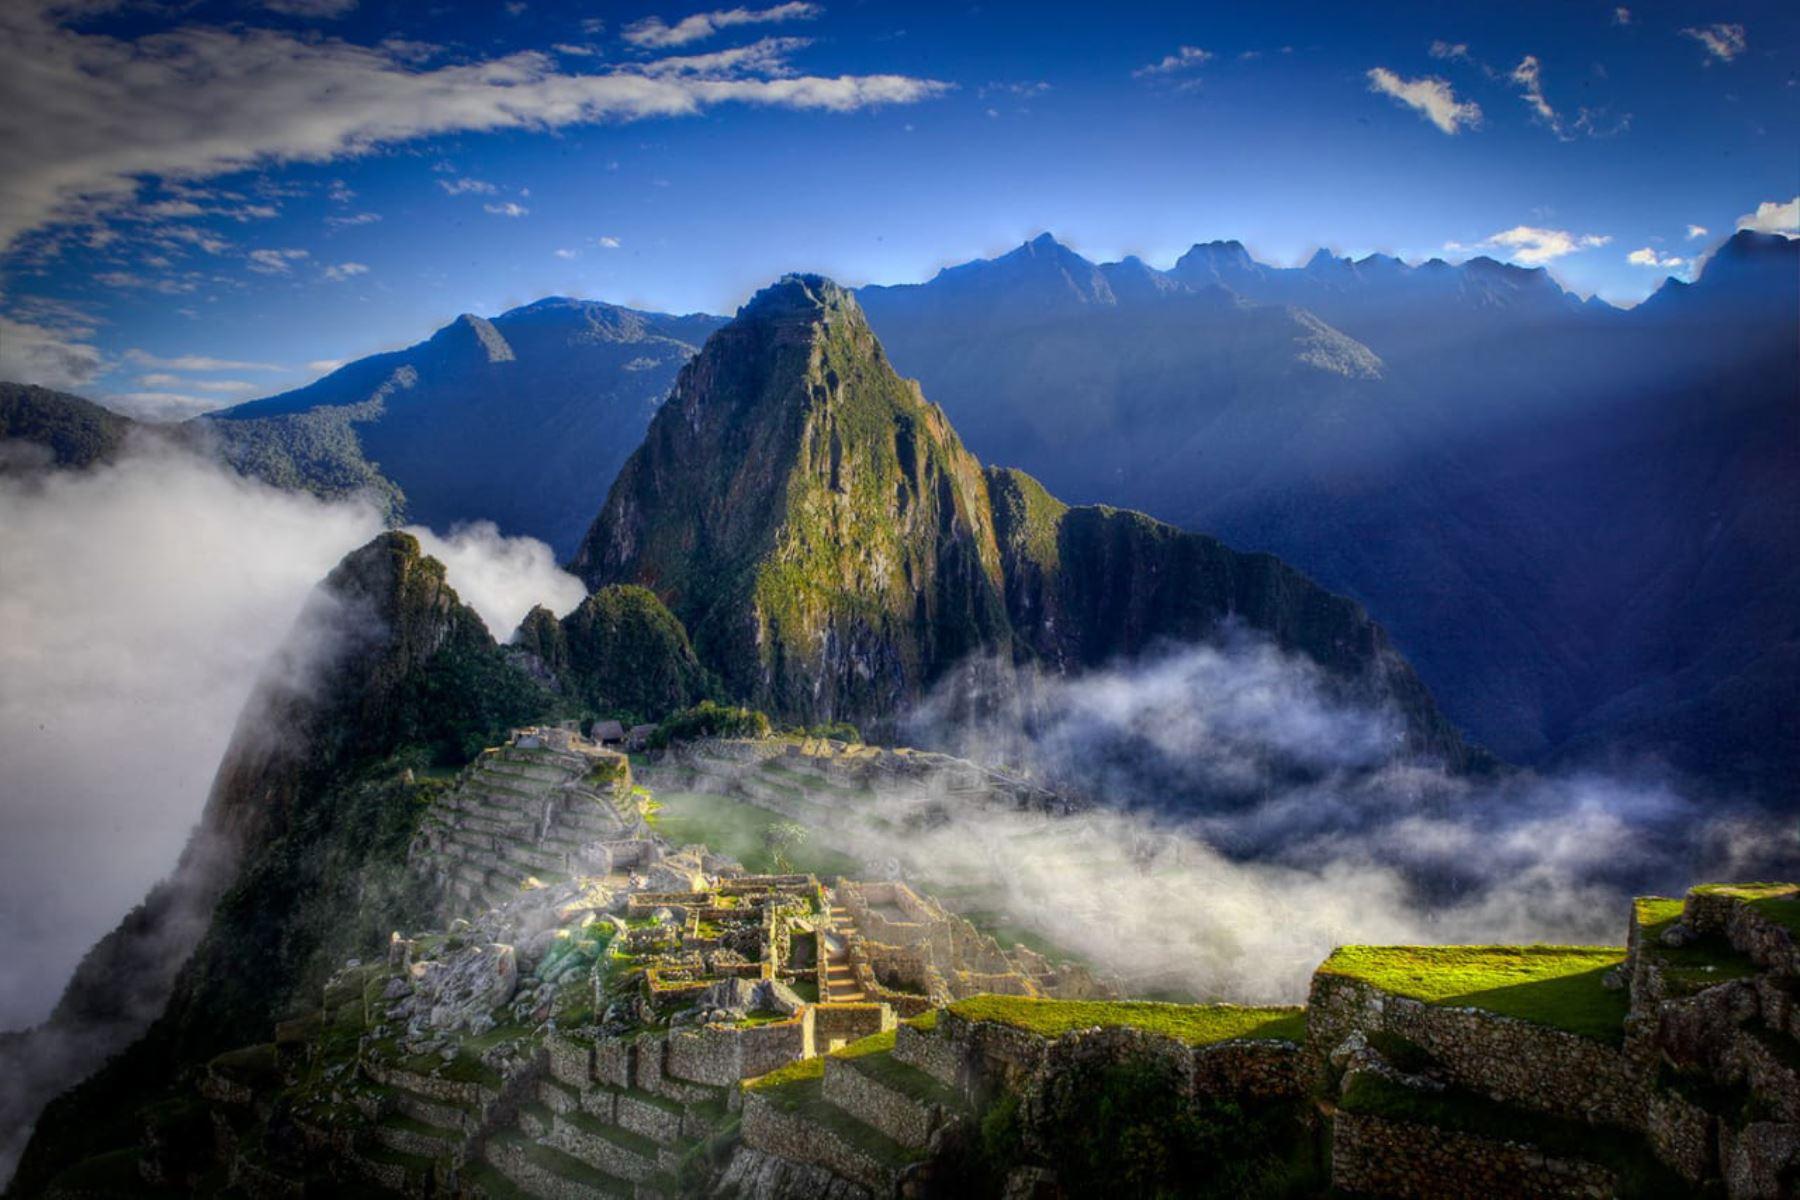 En enero de 2020 se iniciará la construcción del centro de interpretación de Machu Picchu. ANDINA/Percy Hurtado Santillán